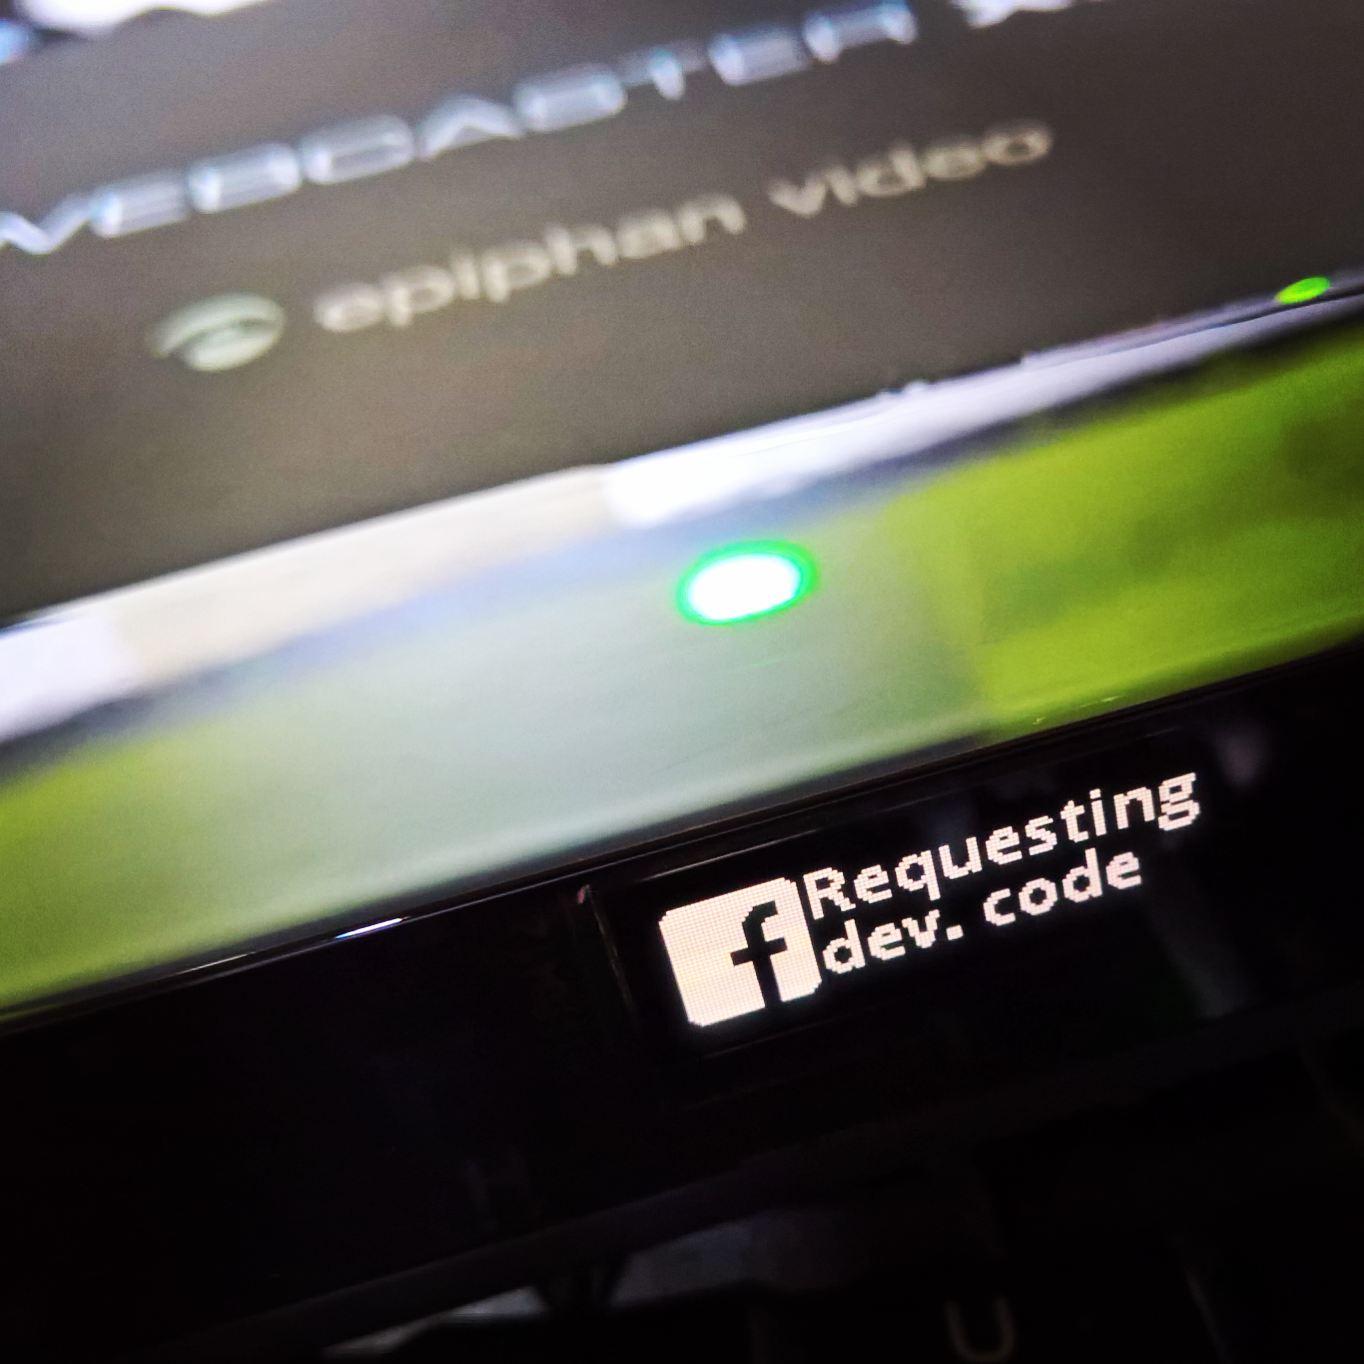 Het display van de Webcaster X2 geeft statusinformatie weer.